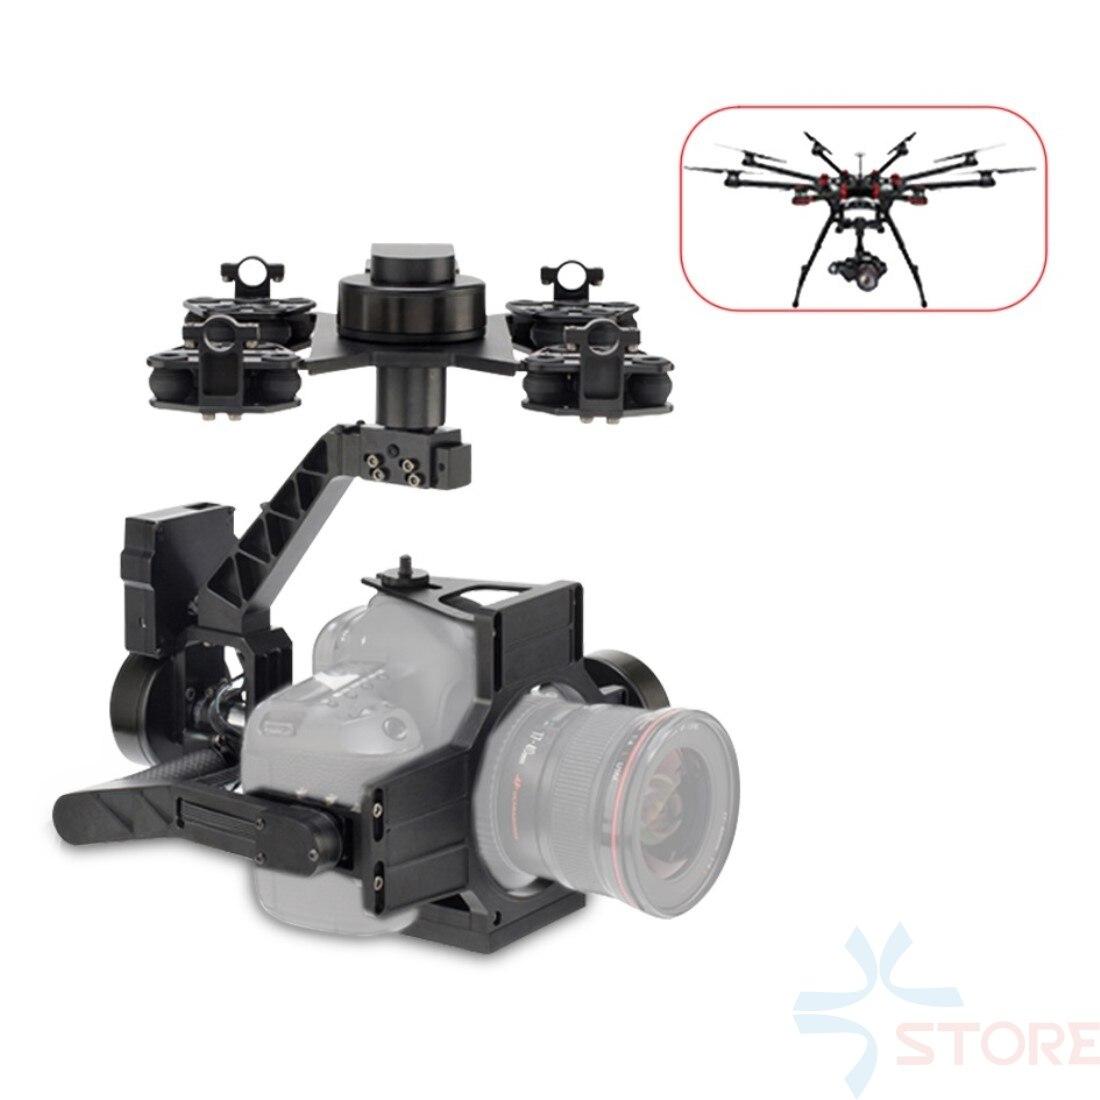 Nuovo Aerial Photography 3-Assi UAV Giunto Cardanico Della Macchina Fotografica Mount per il Video Film DSLR Canon 5D3 Nikon D800 GH4 Sony a7/NEX5 A5100 6000 A7S